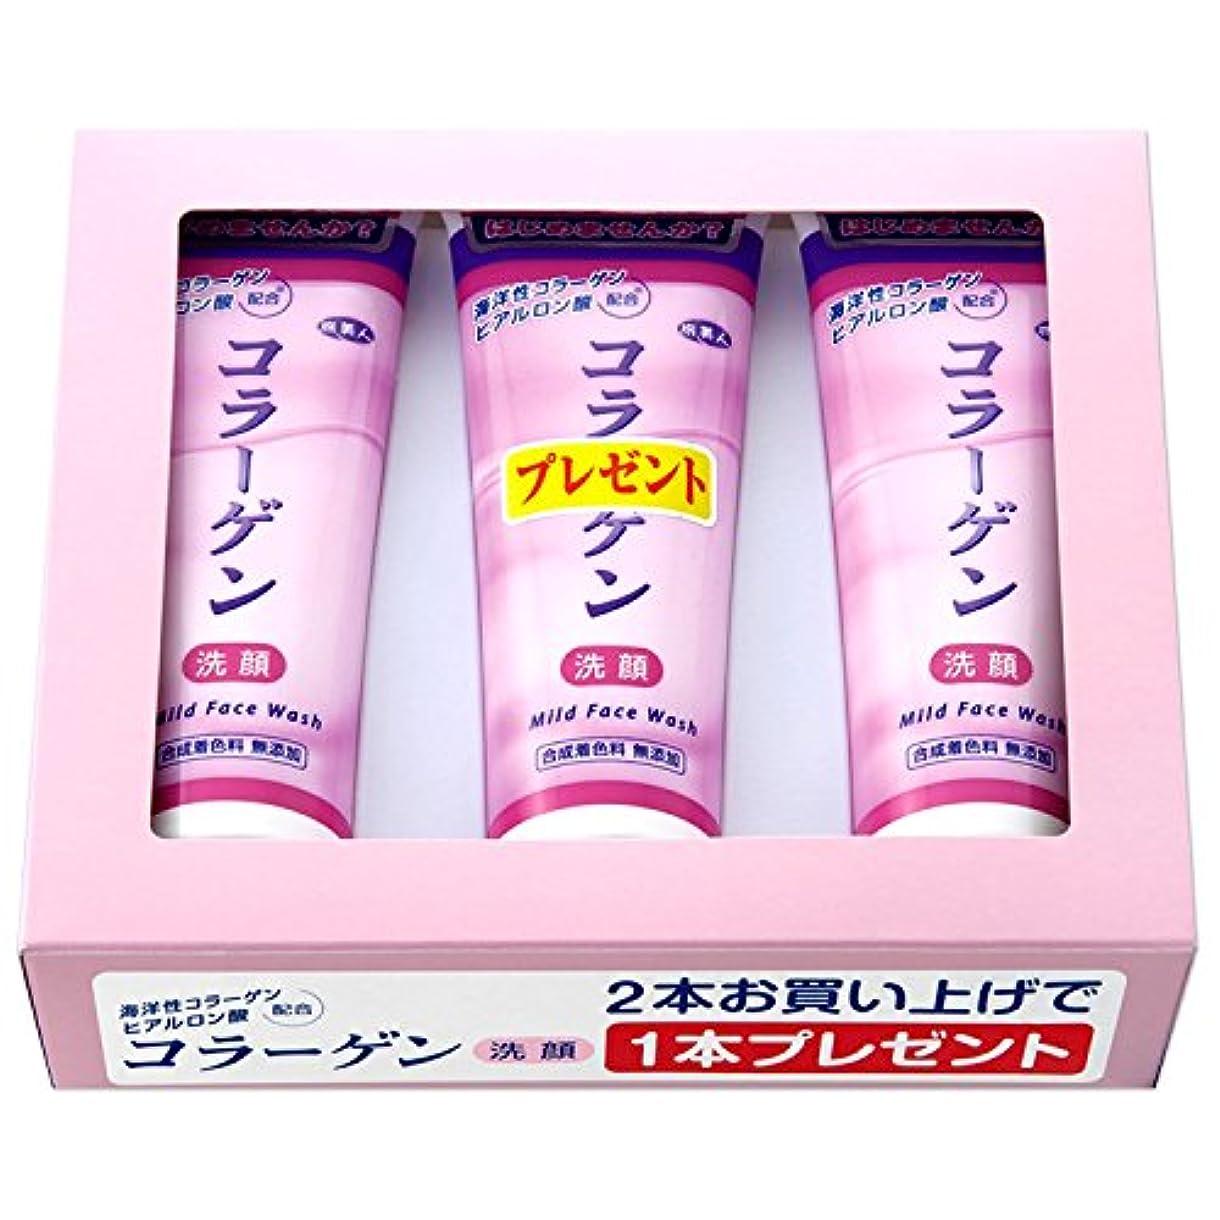 ワードローブシステムキャメルアズマ商事の コラーゲン洗顔クリーム お得な 2本の値段で3本入りセット